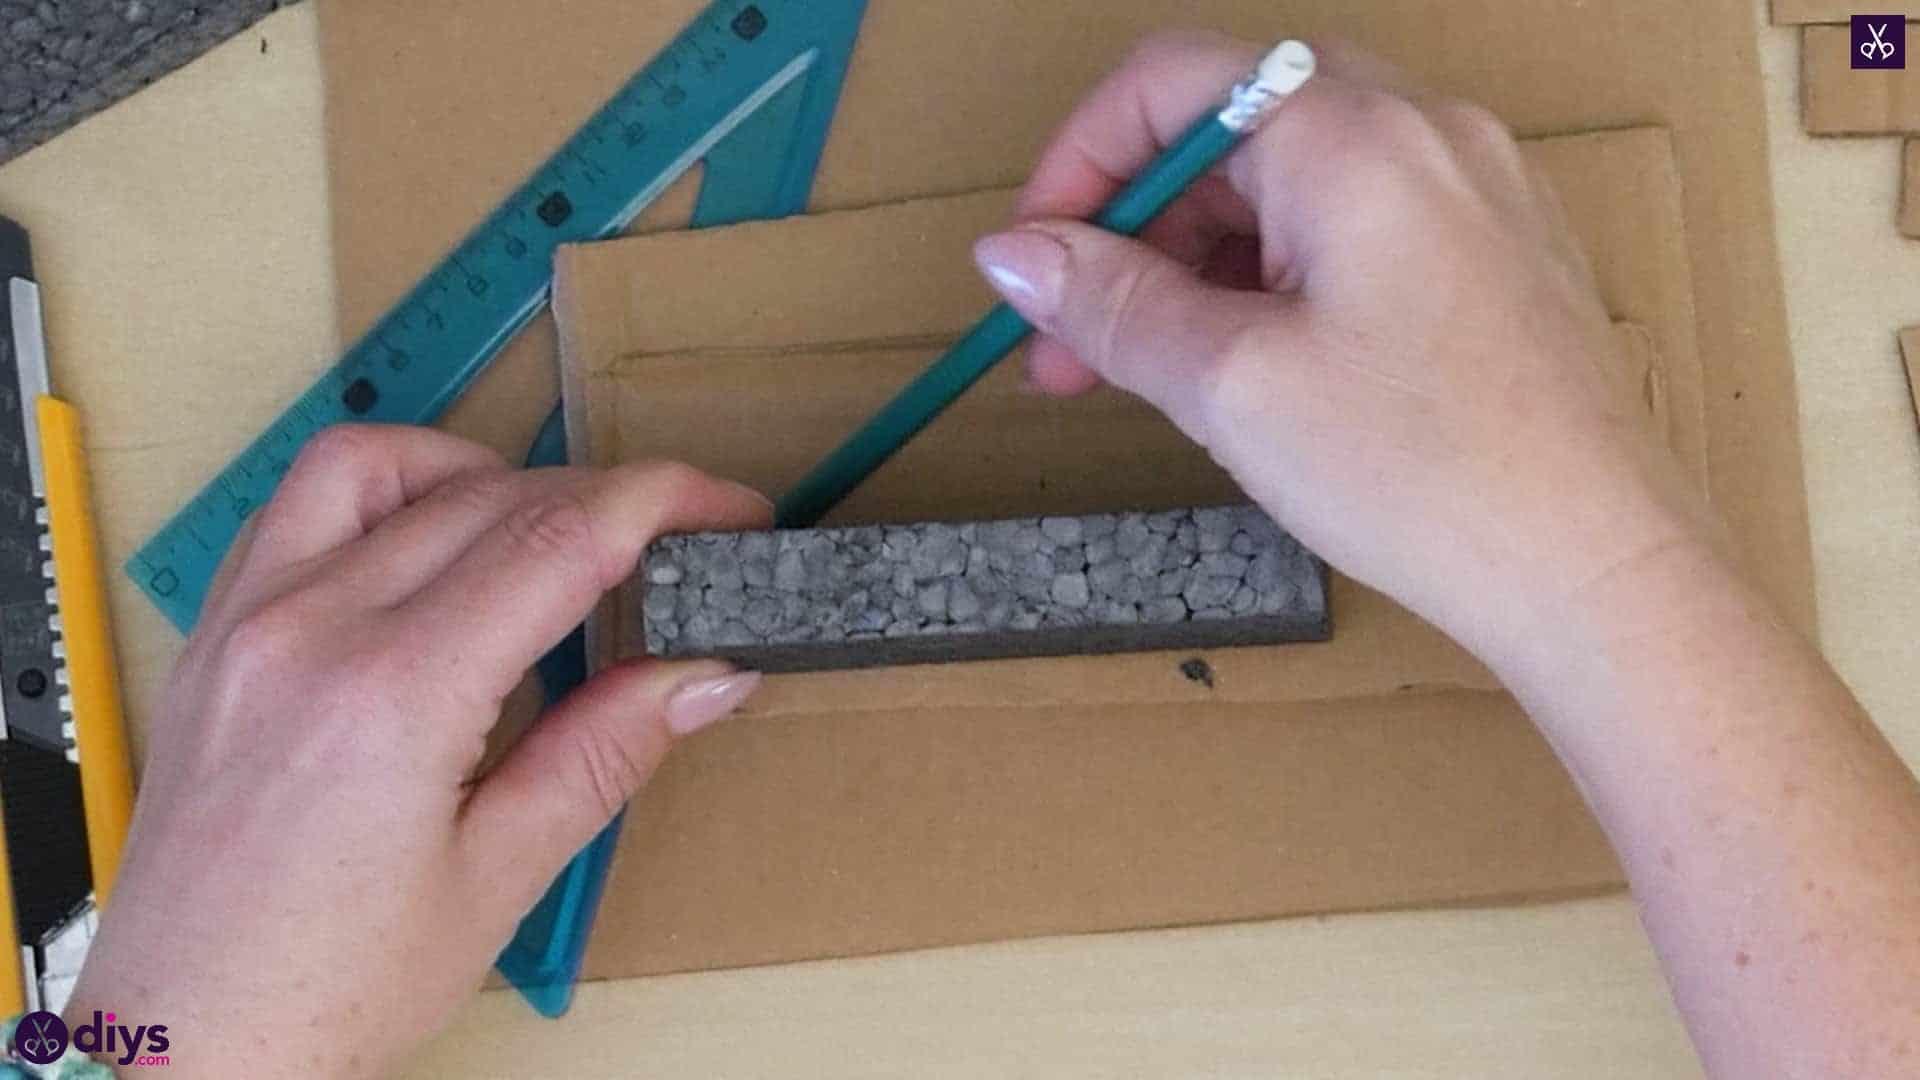 Diy miniature cage centerpiece step 4